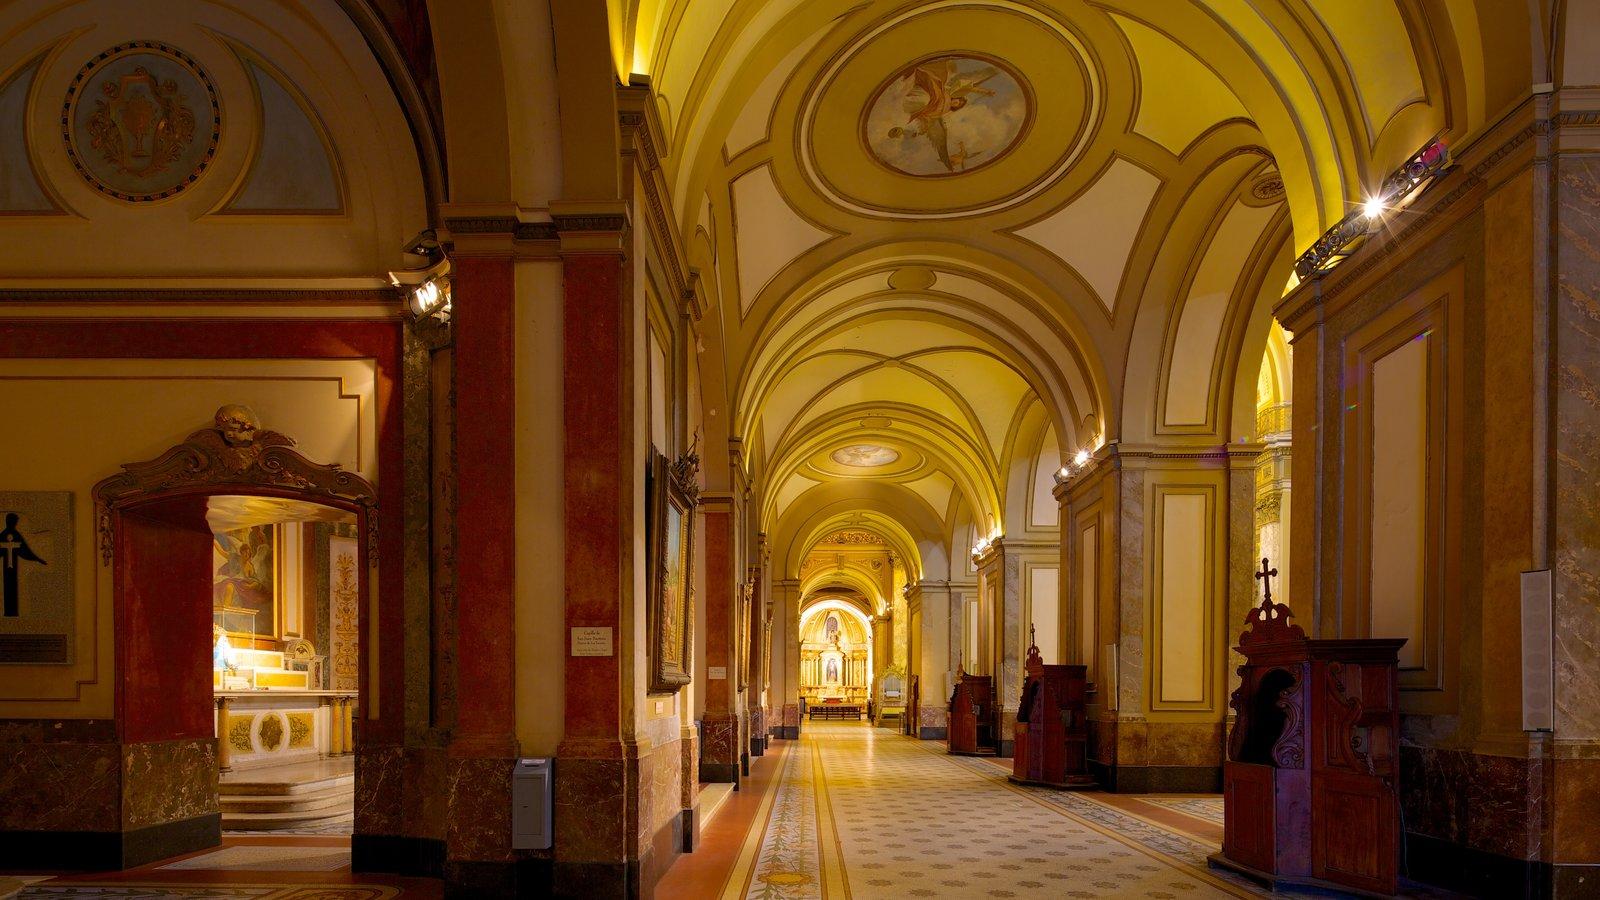 Catedral Metropolitana de Buenos Aires mostrando arquitetura de patrimônio, elementos religiosos e uma igreja ou catedral